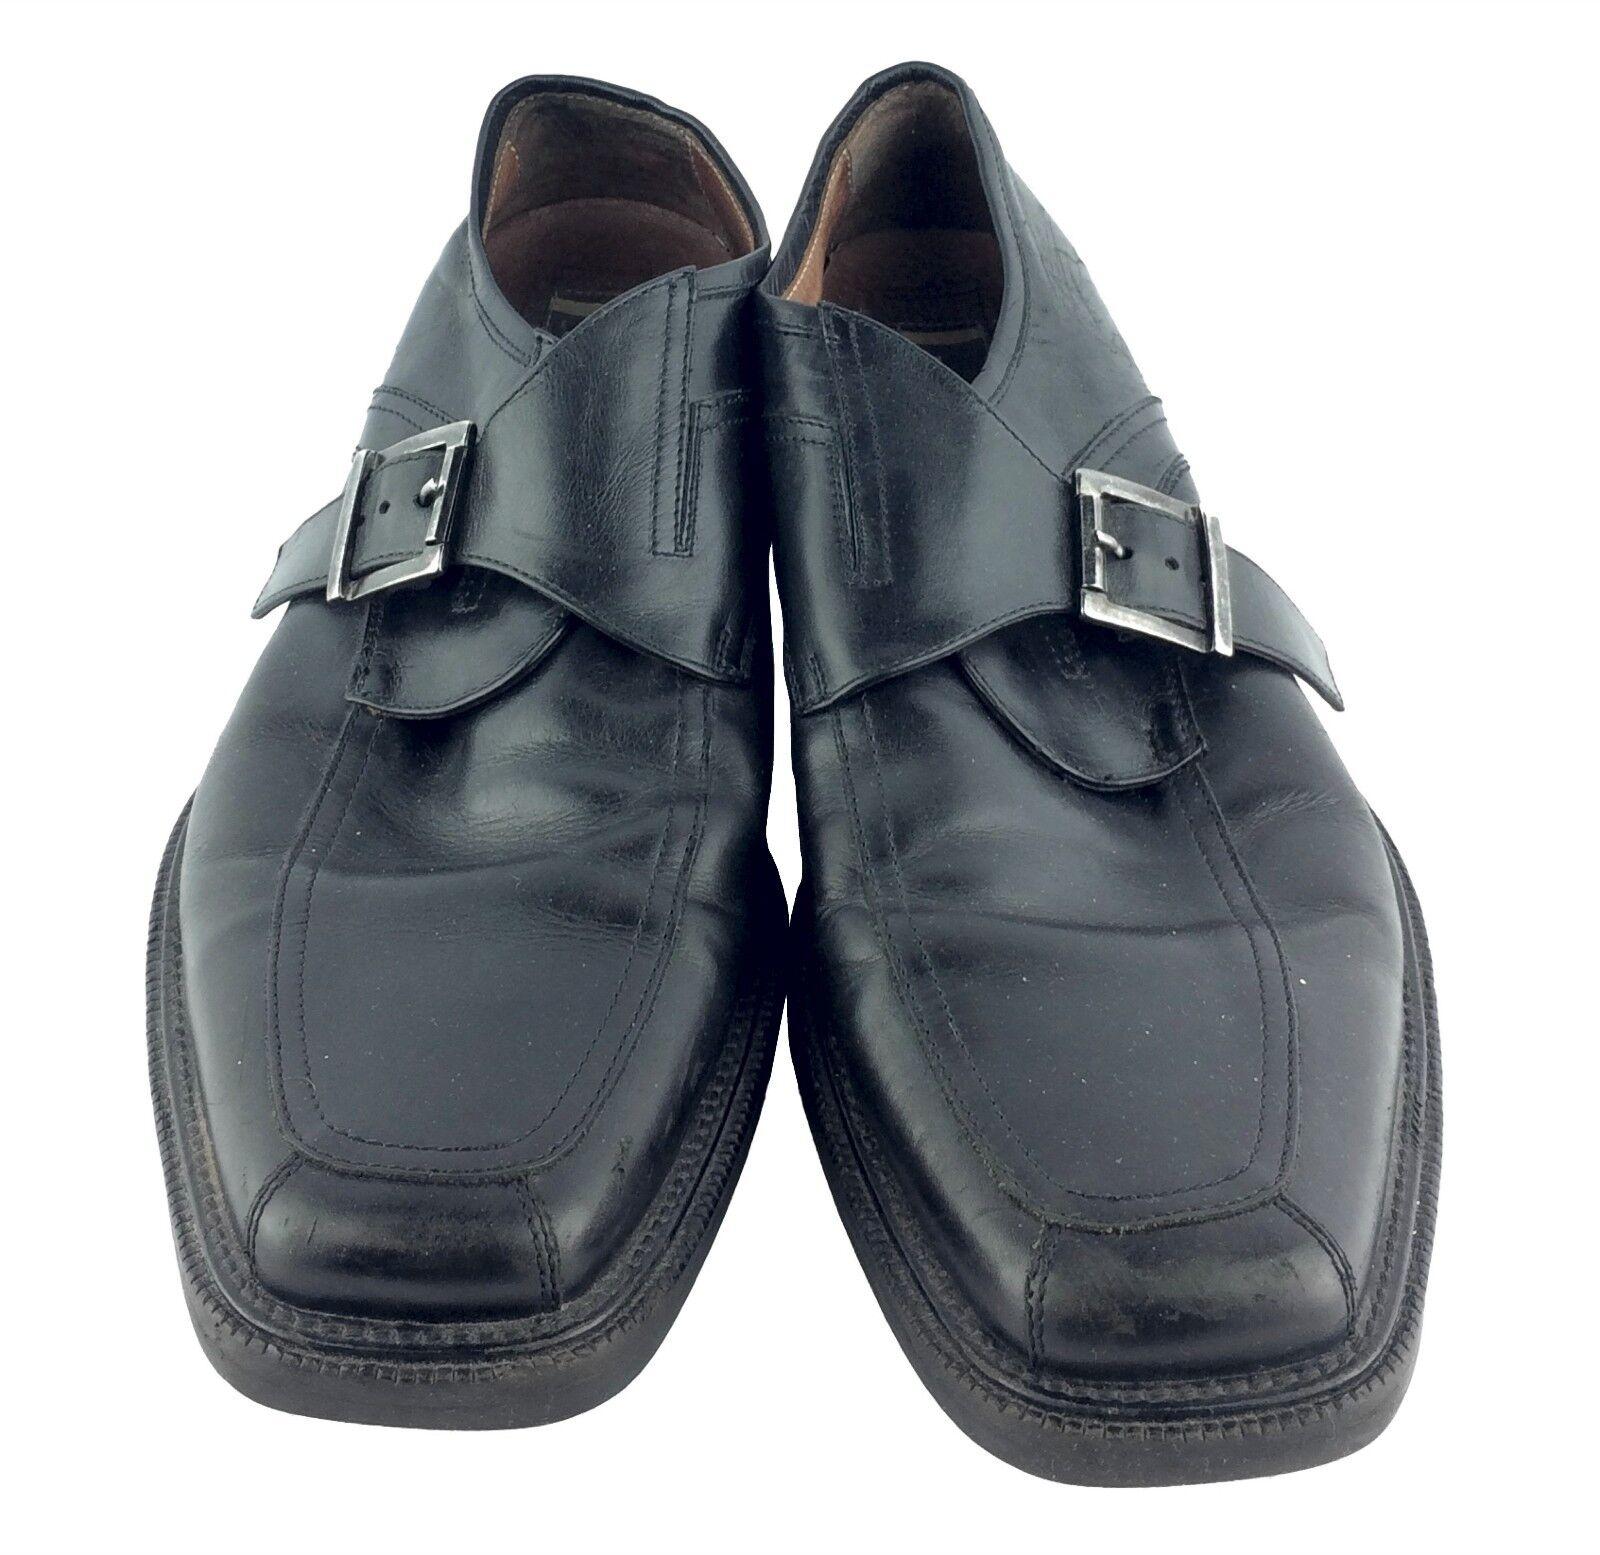 acquistare ora Johnston Johnston Johnston & Murphy nero Monk Buckle Dress scarpe Uomo Dimensione 13M  centro commerciale online integrato professionale